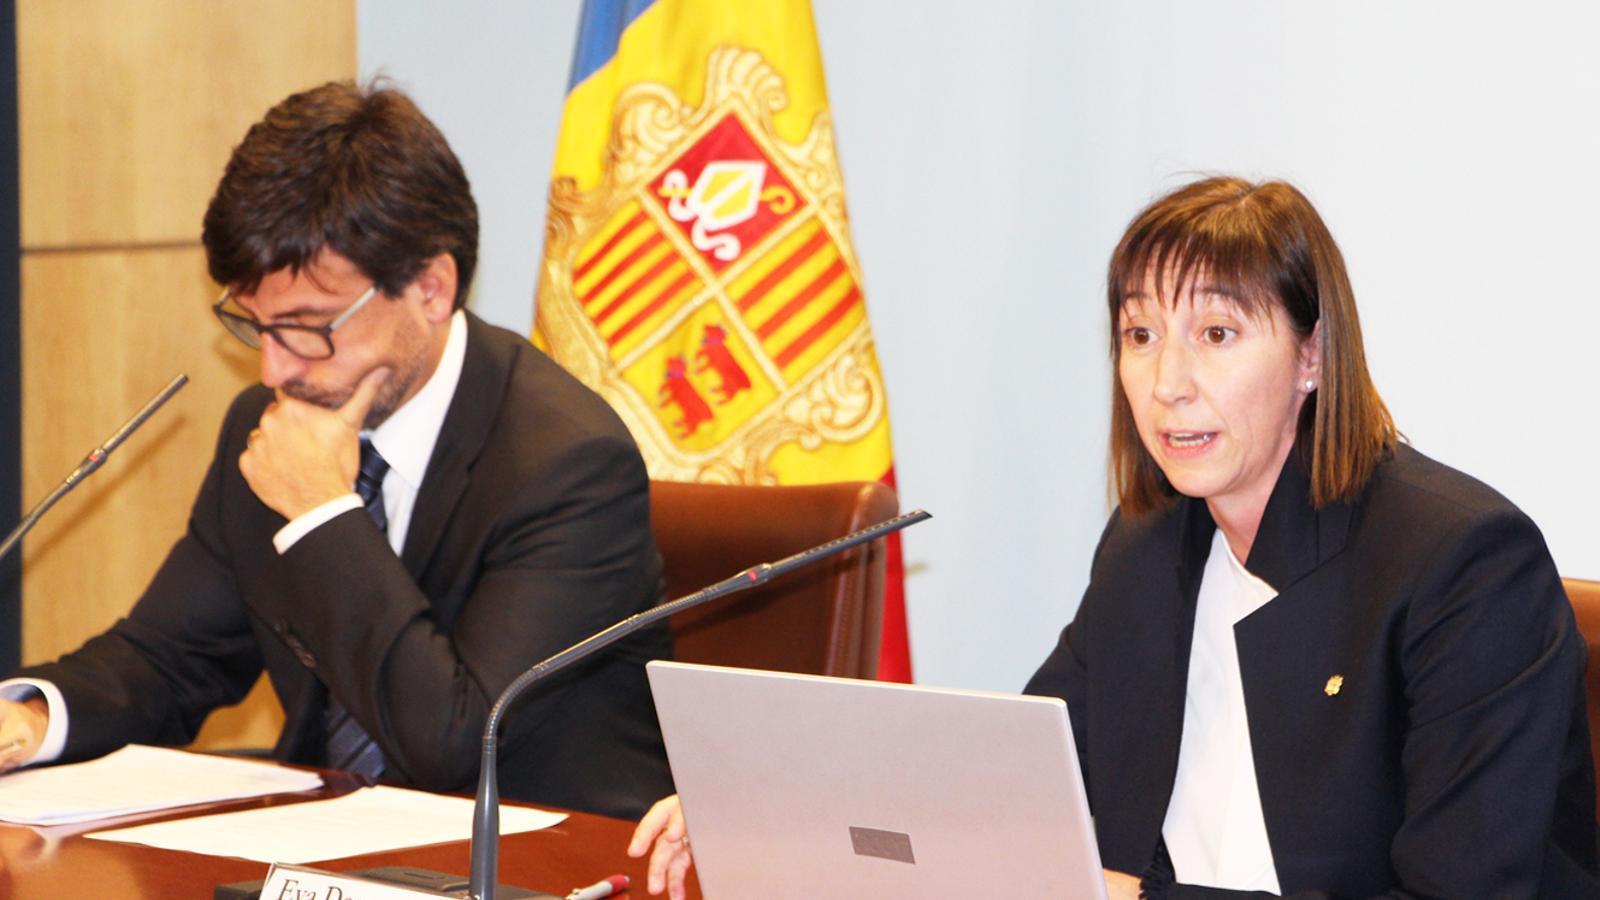 a ministra de Funció Pública i Reforma de l'Administració, Eva Descarrega, durant la seva compareixença a la roda de premsa posterior al consell de ministres, acompanyada pel portaveu del Govern, Jordi Cinca. / B. N. (ANA)